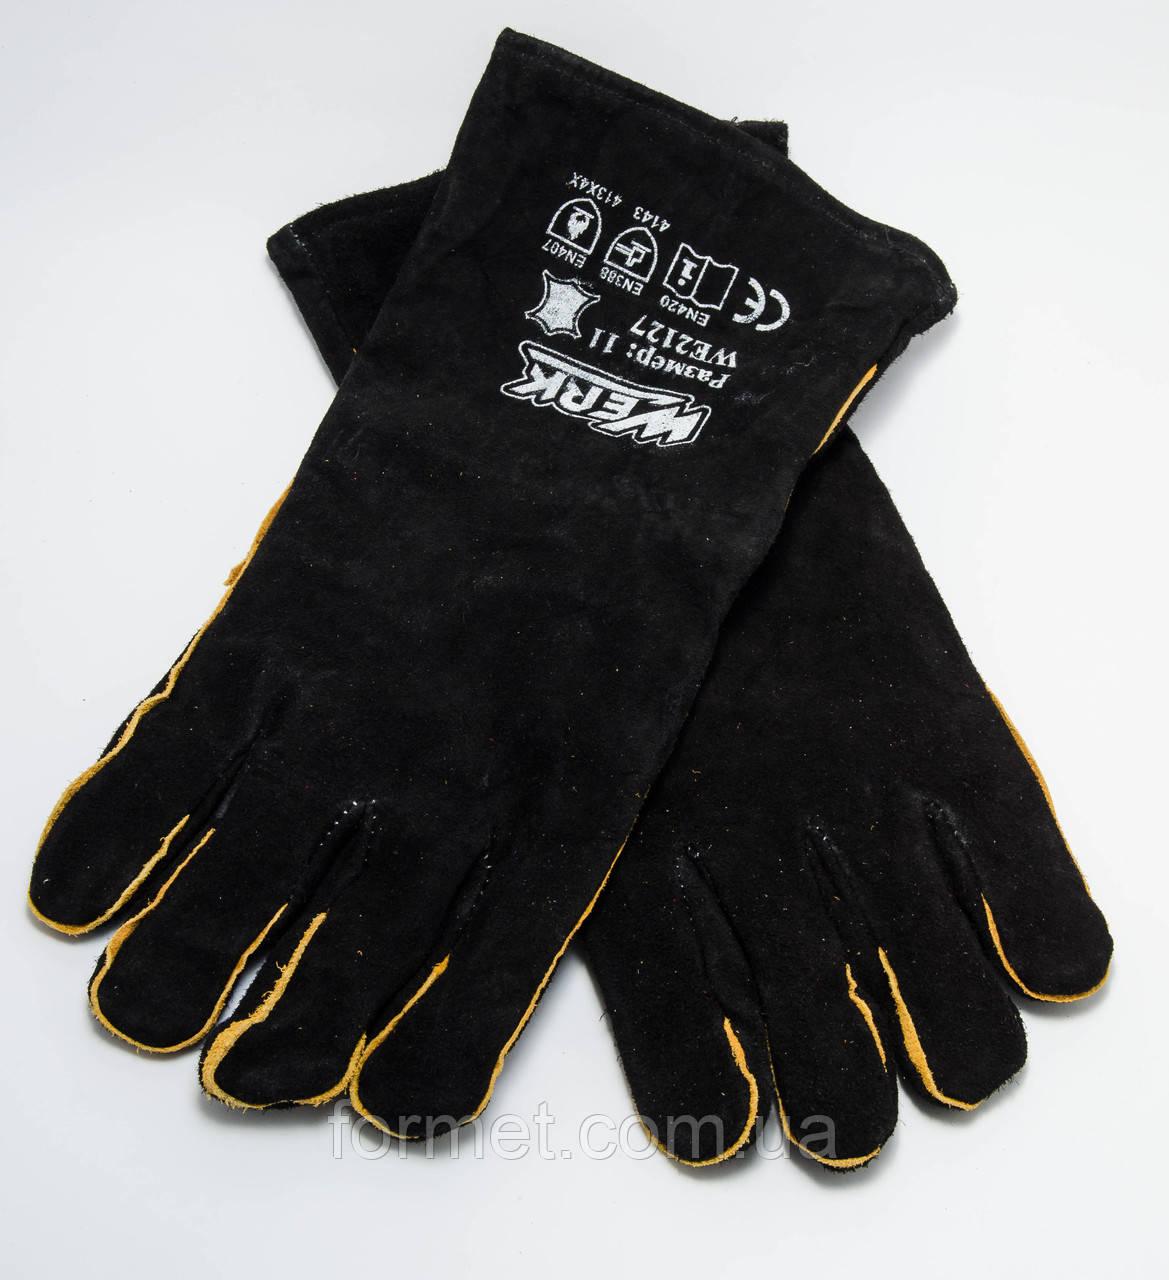 Рукавички-краги зварювальні чорні WERK